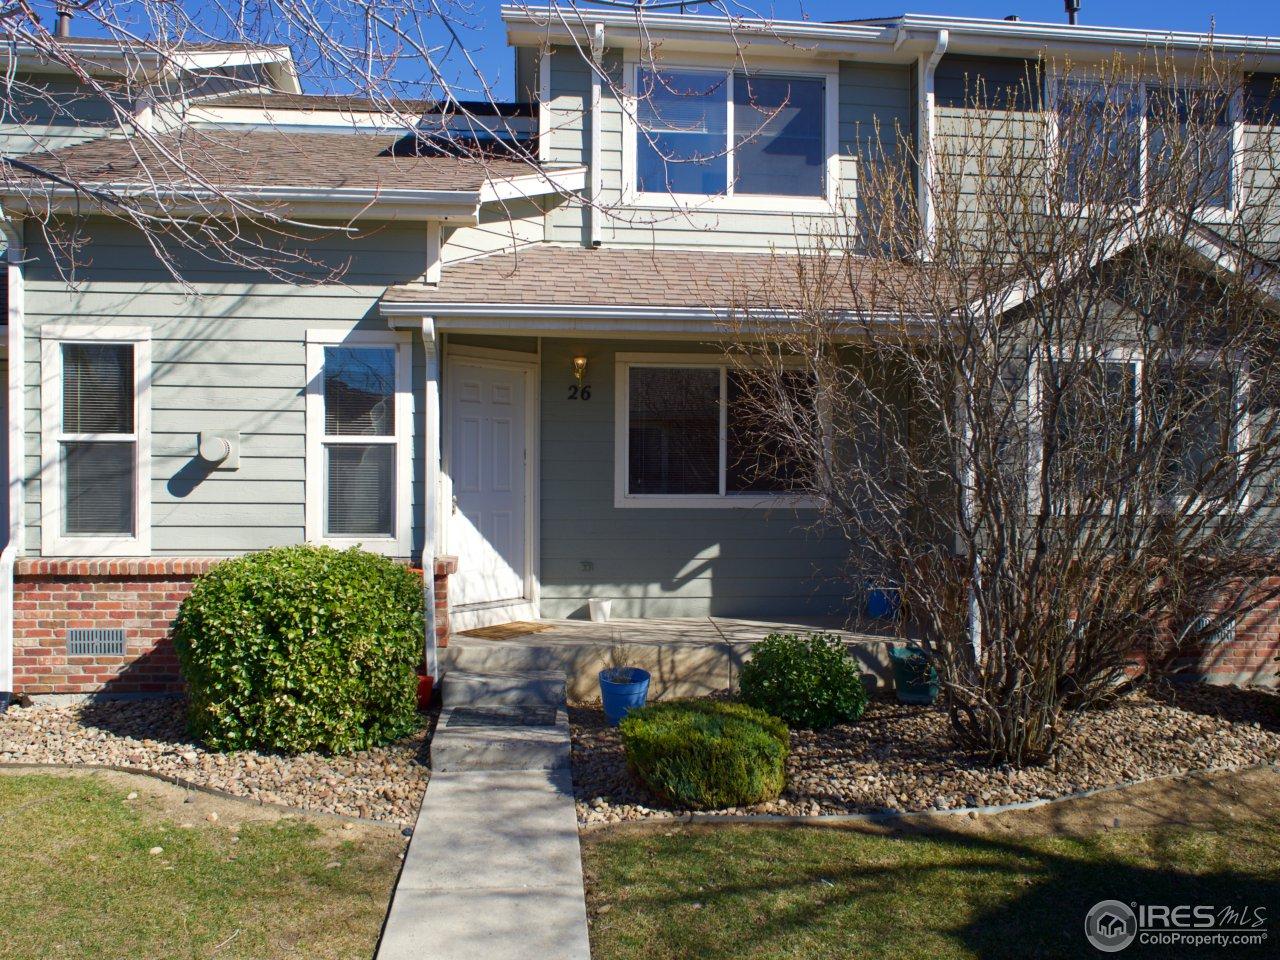 51 21st Ave 26, Longmont, CO 80501